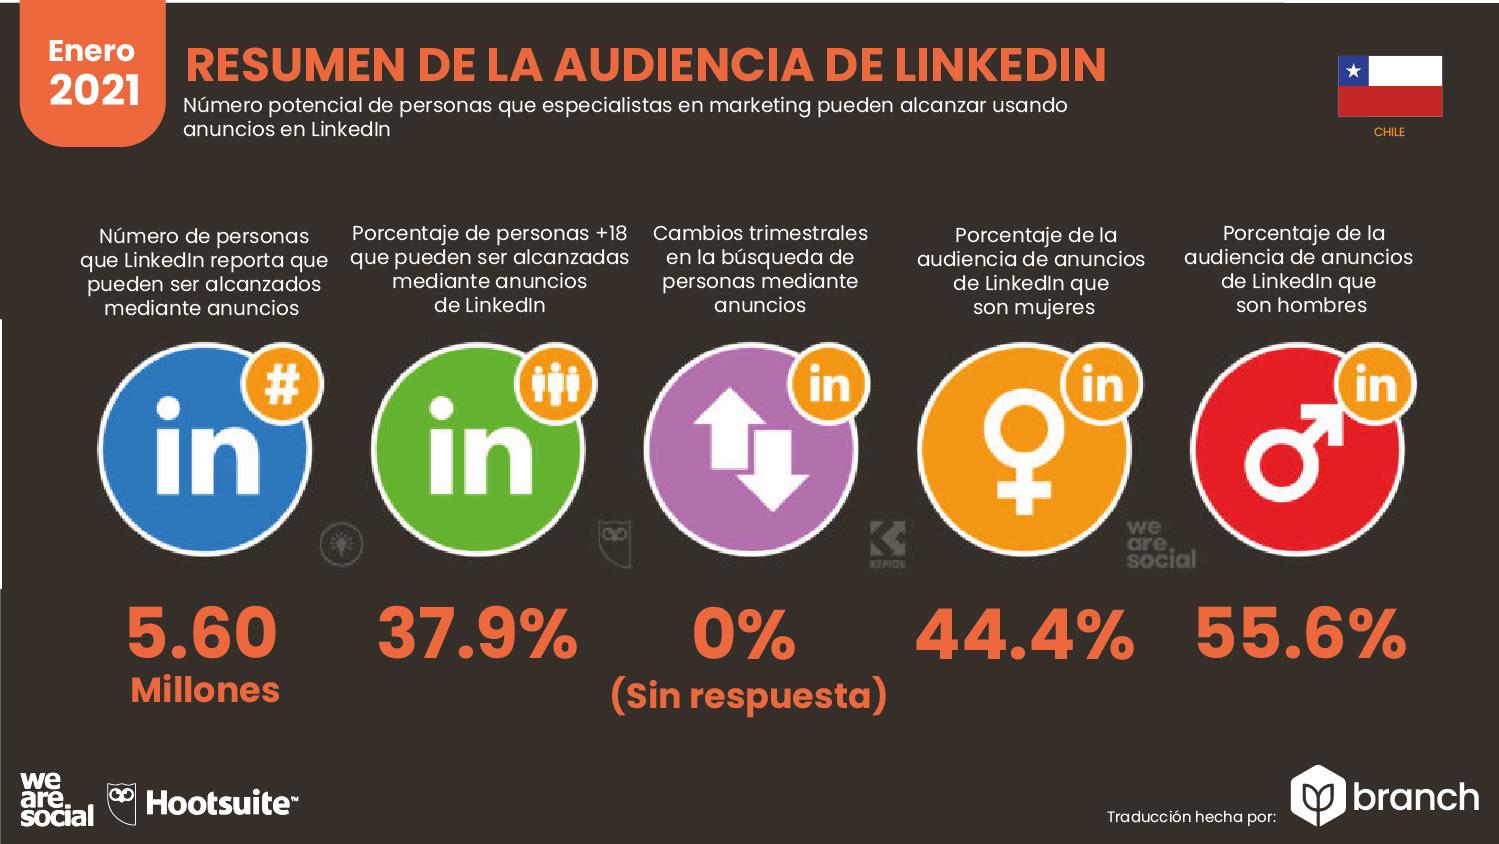 audiencia-de-LinkedIn-en-chile-2020-2021